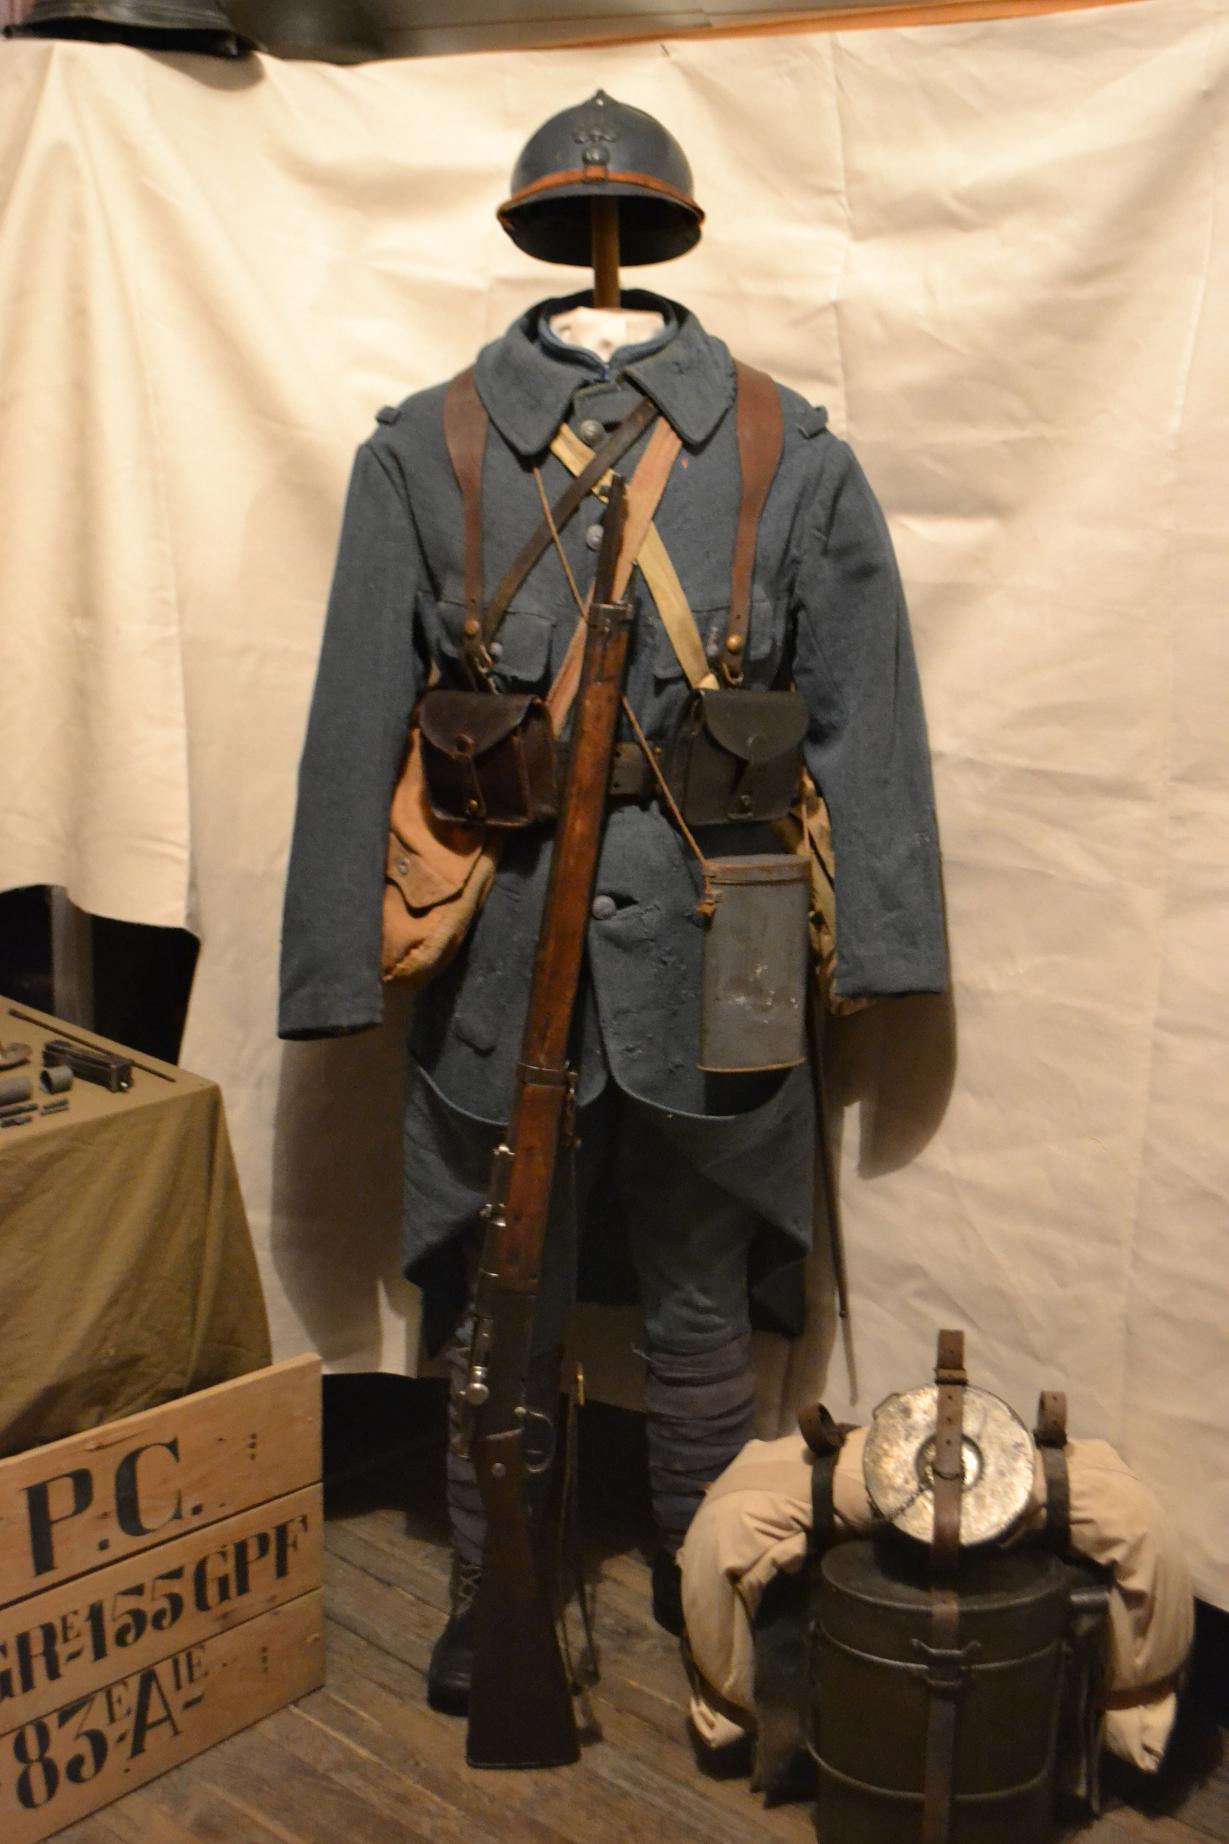 Autour d'une arme ... l'uniforme et l'équipement : quelques exemples 269569DSC1308